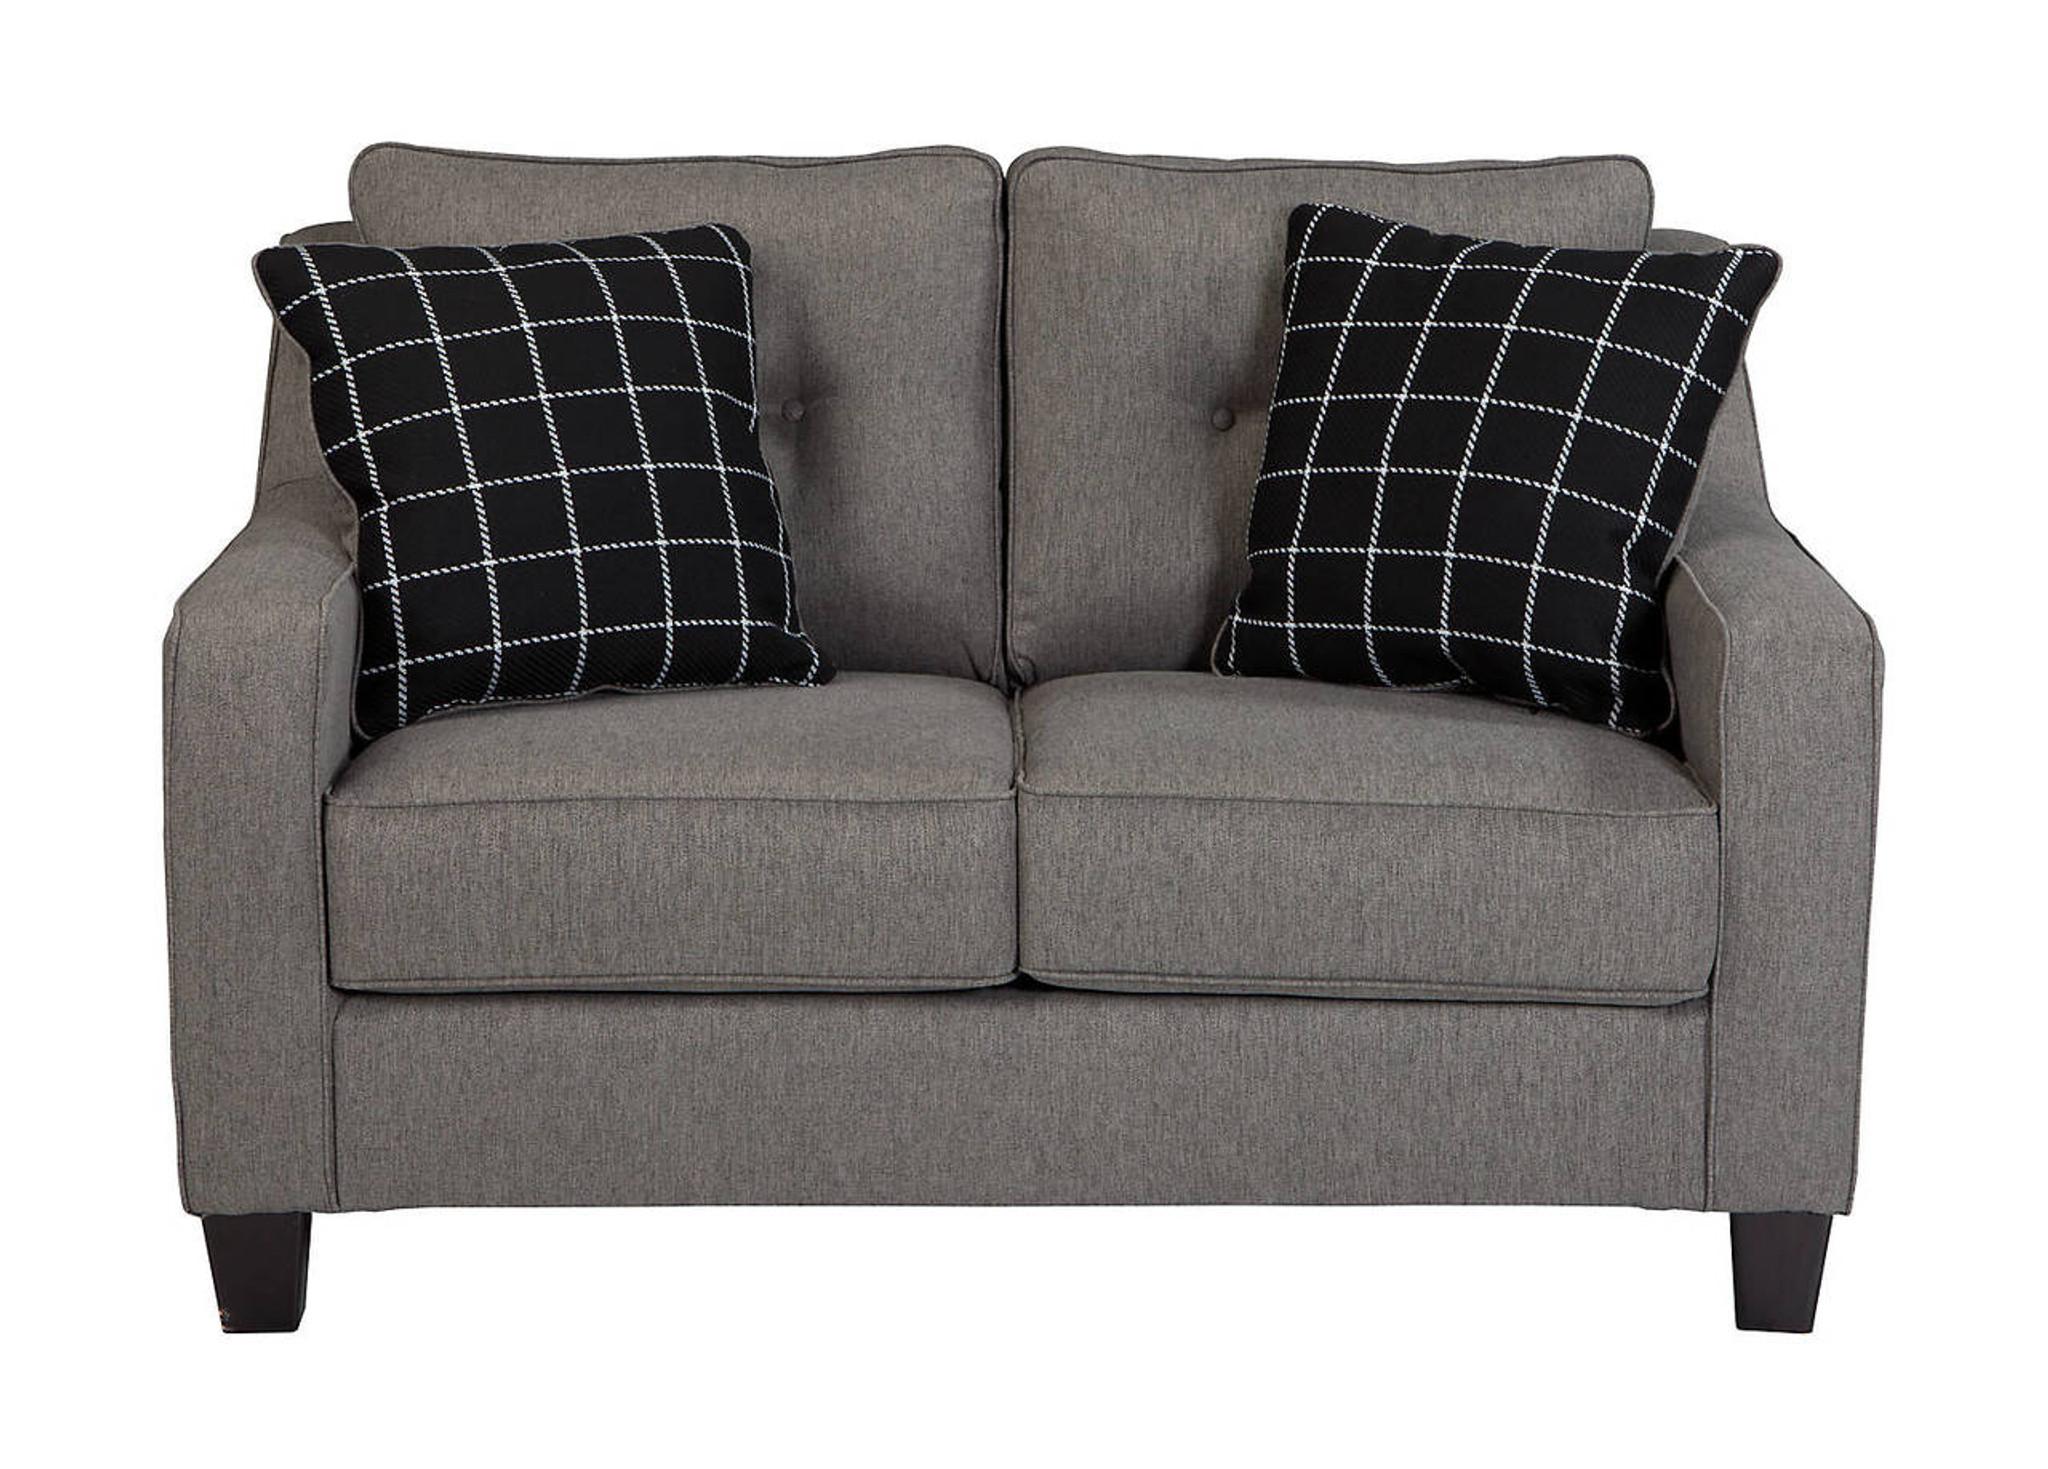 Surprising Brindon Charcoal Collection Queen Sofa Sleeper Inzonedesignstudio Interior Chair Design Inzonedesignstudiocom